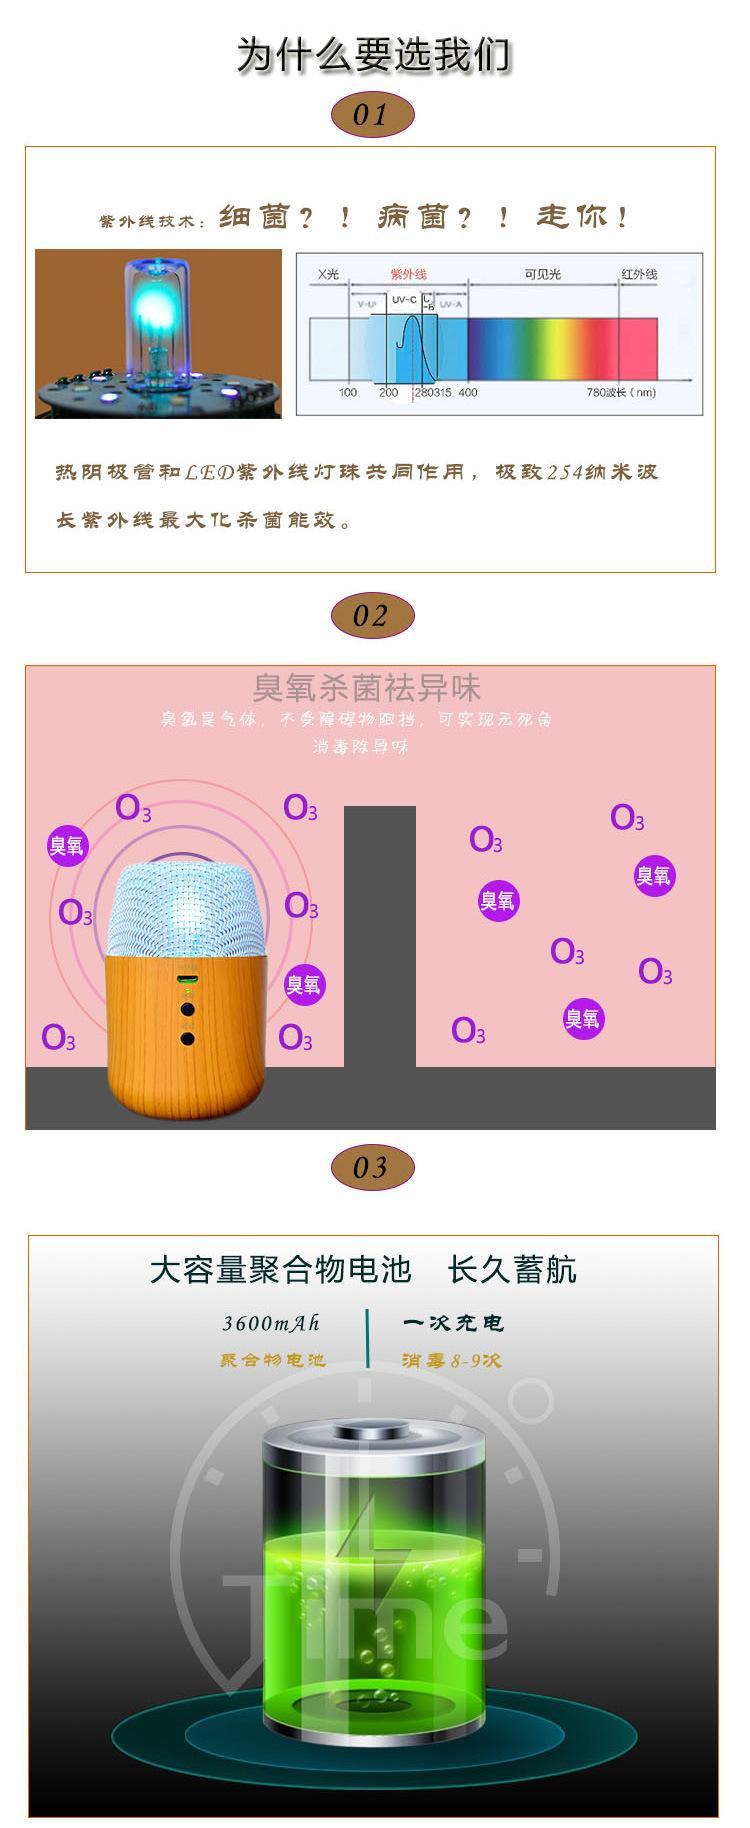 便携紫外线家用厨房卫生间衣柜冰箱汽车用臭氧紫外线灭菌灯 8